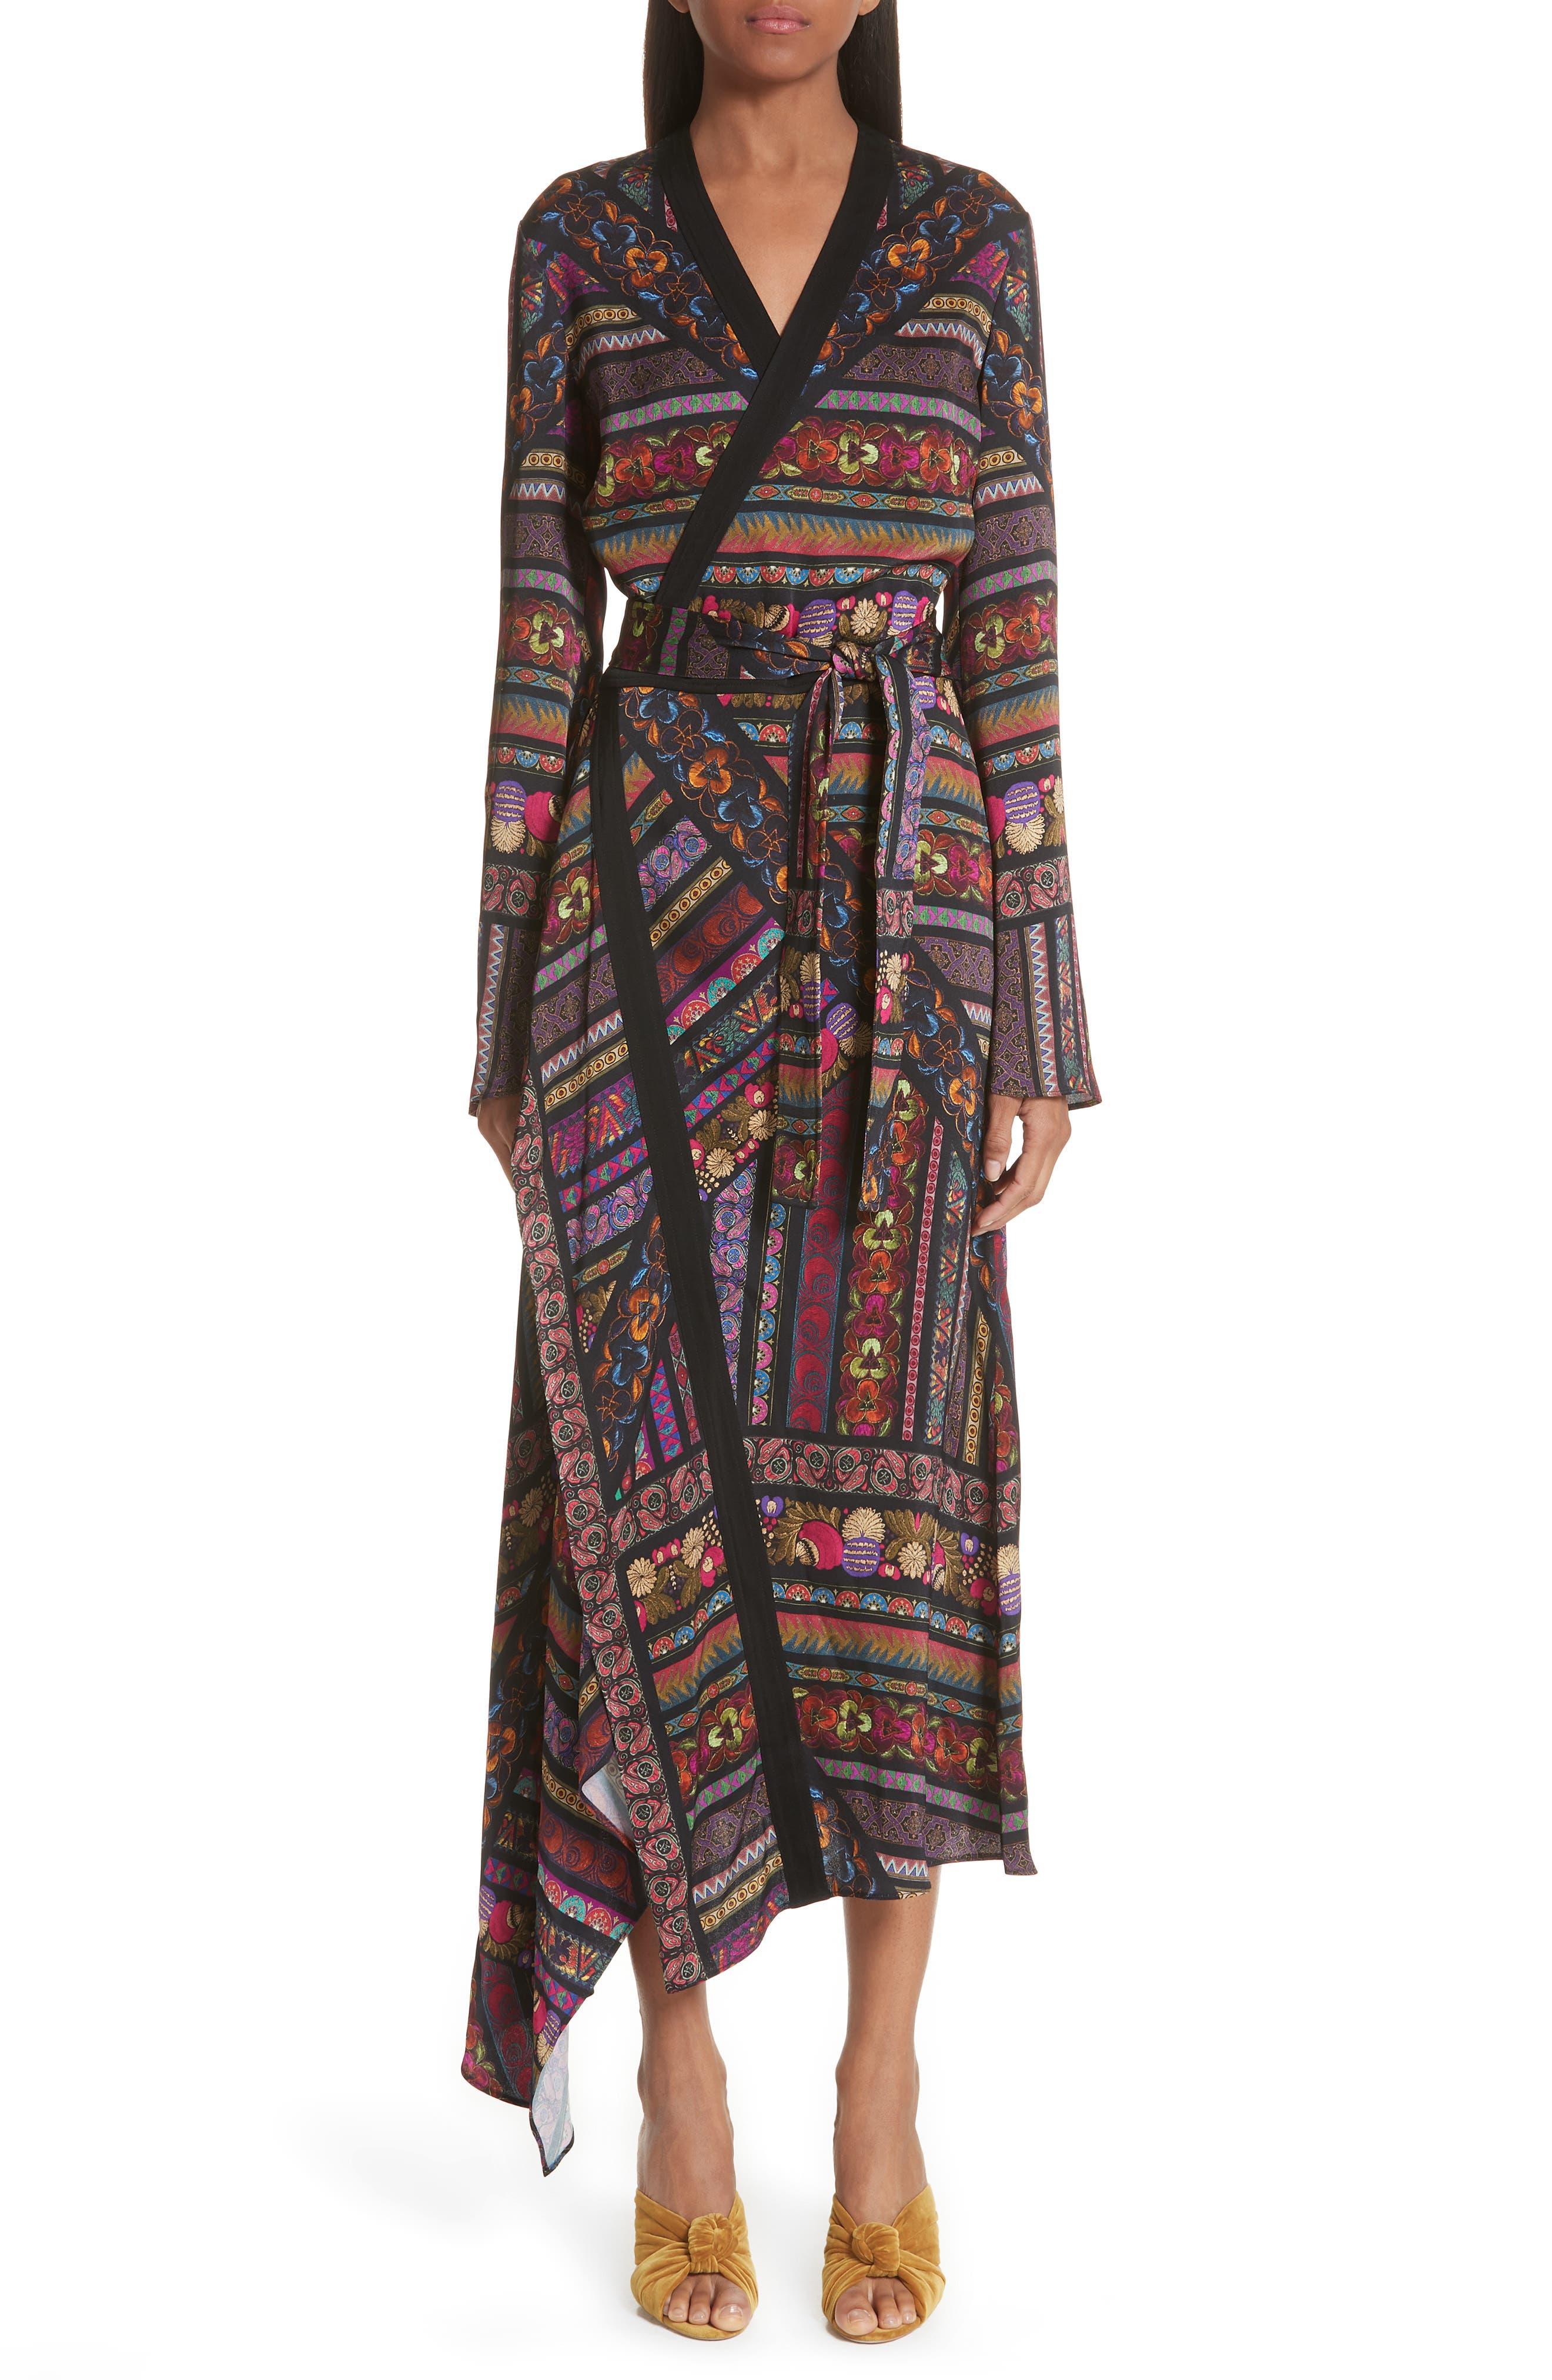 Etro Woman Printed Satin Dress Black Size 44 Etro BHhDpz